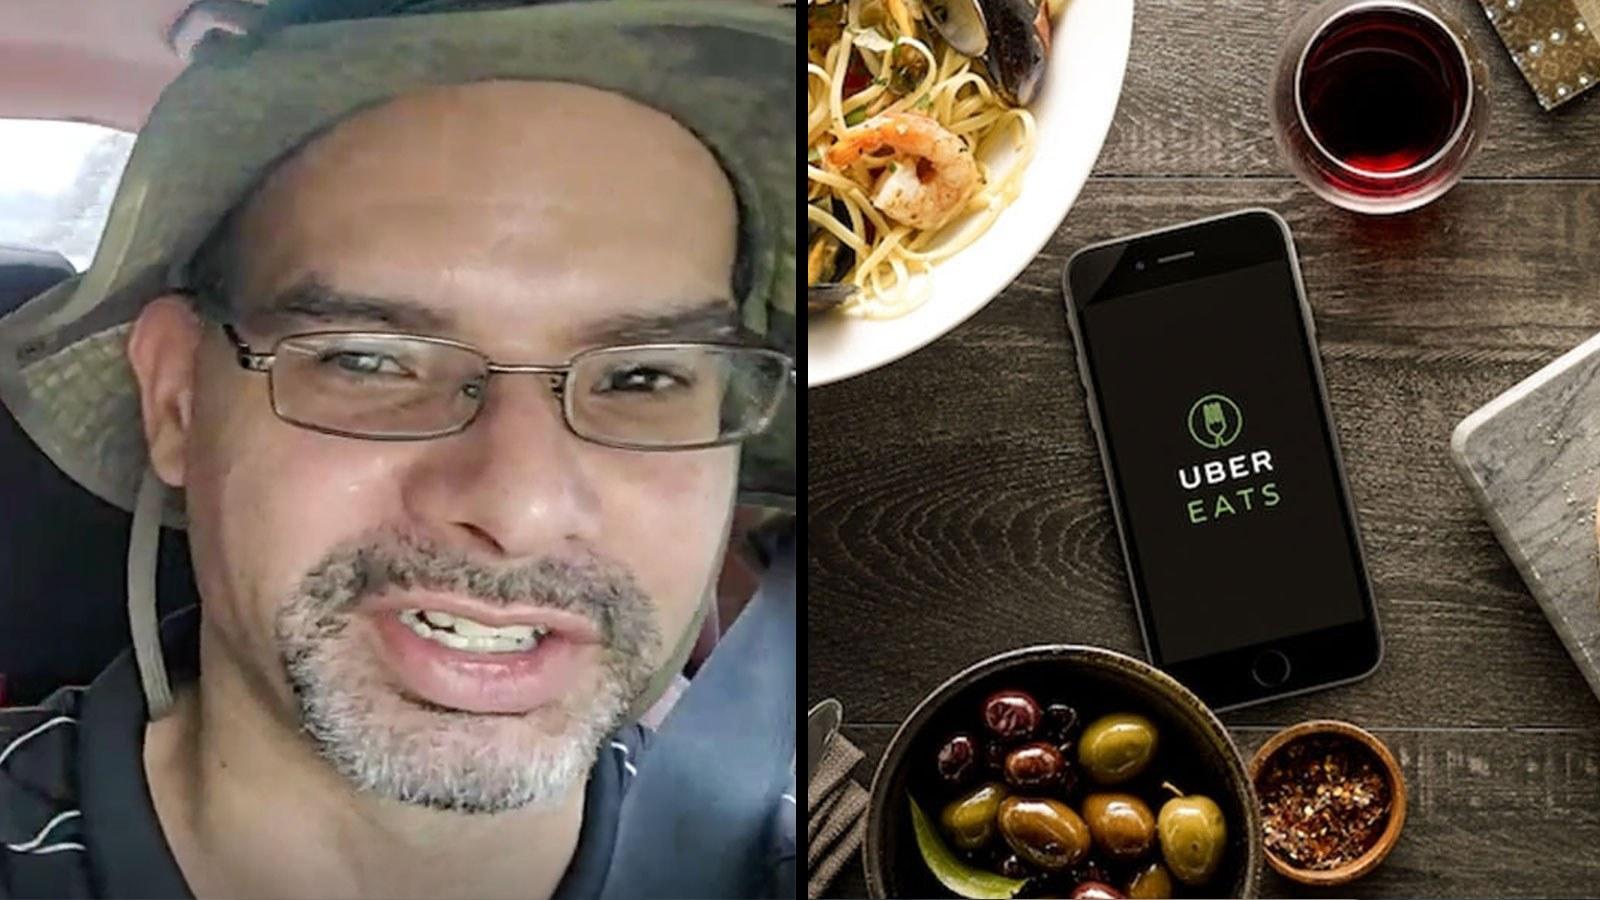 Twitch: OkDudeTv / Uber EATS